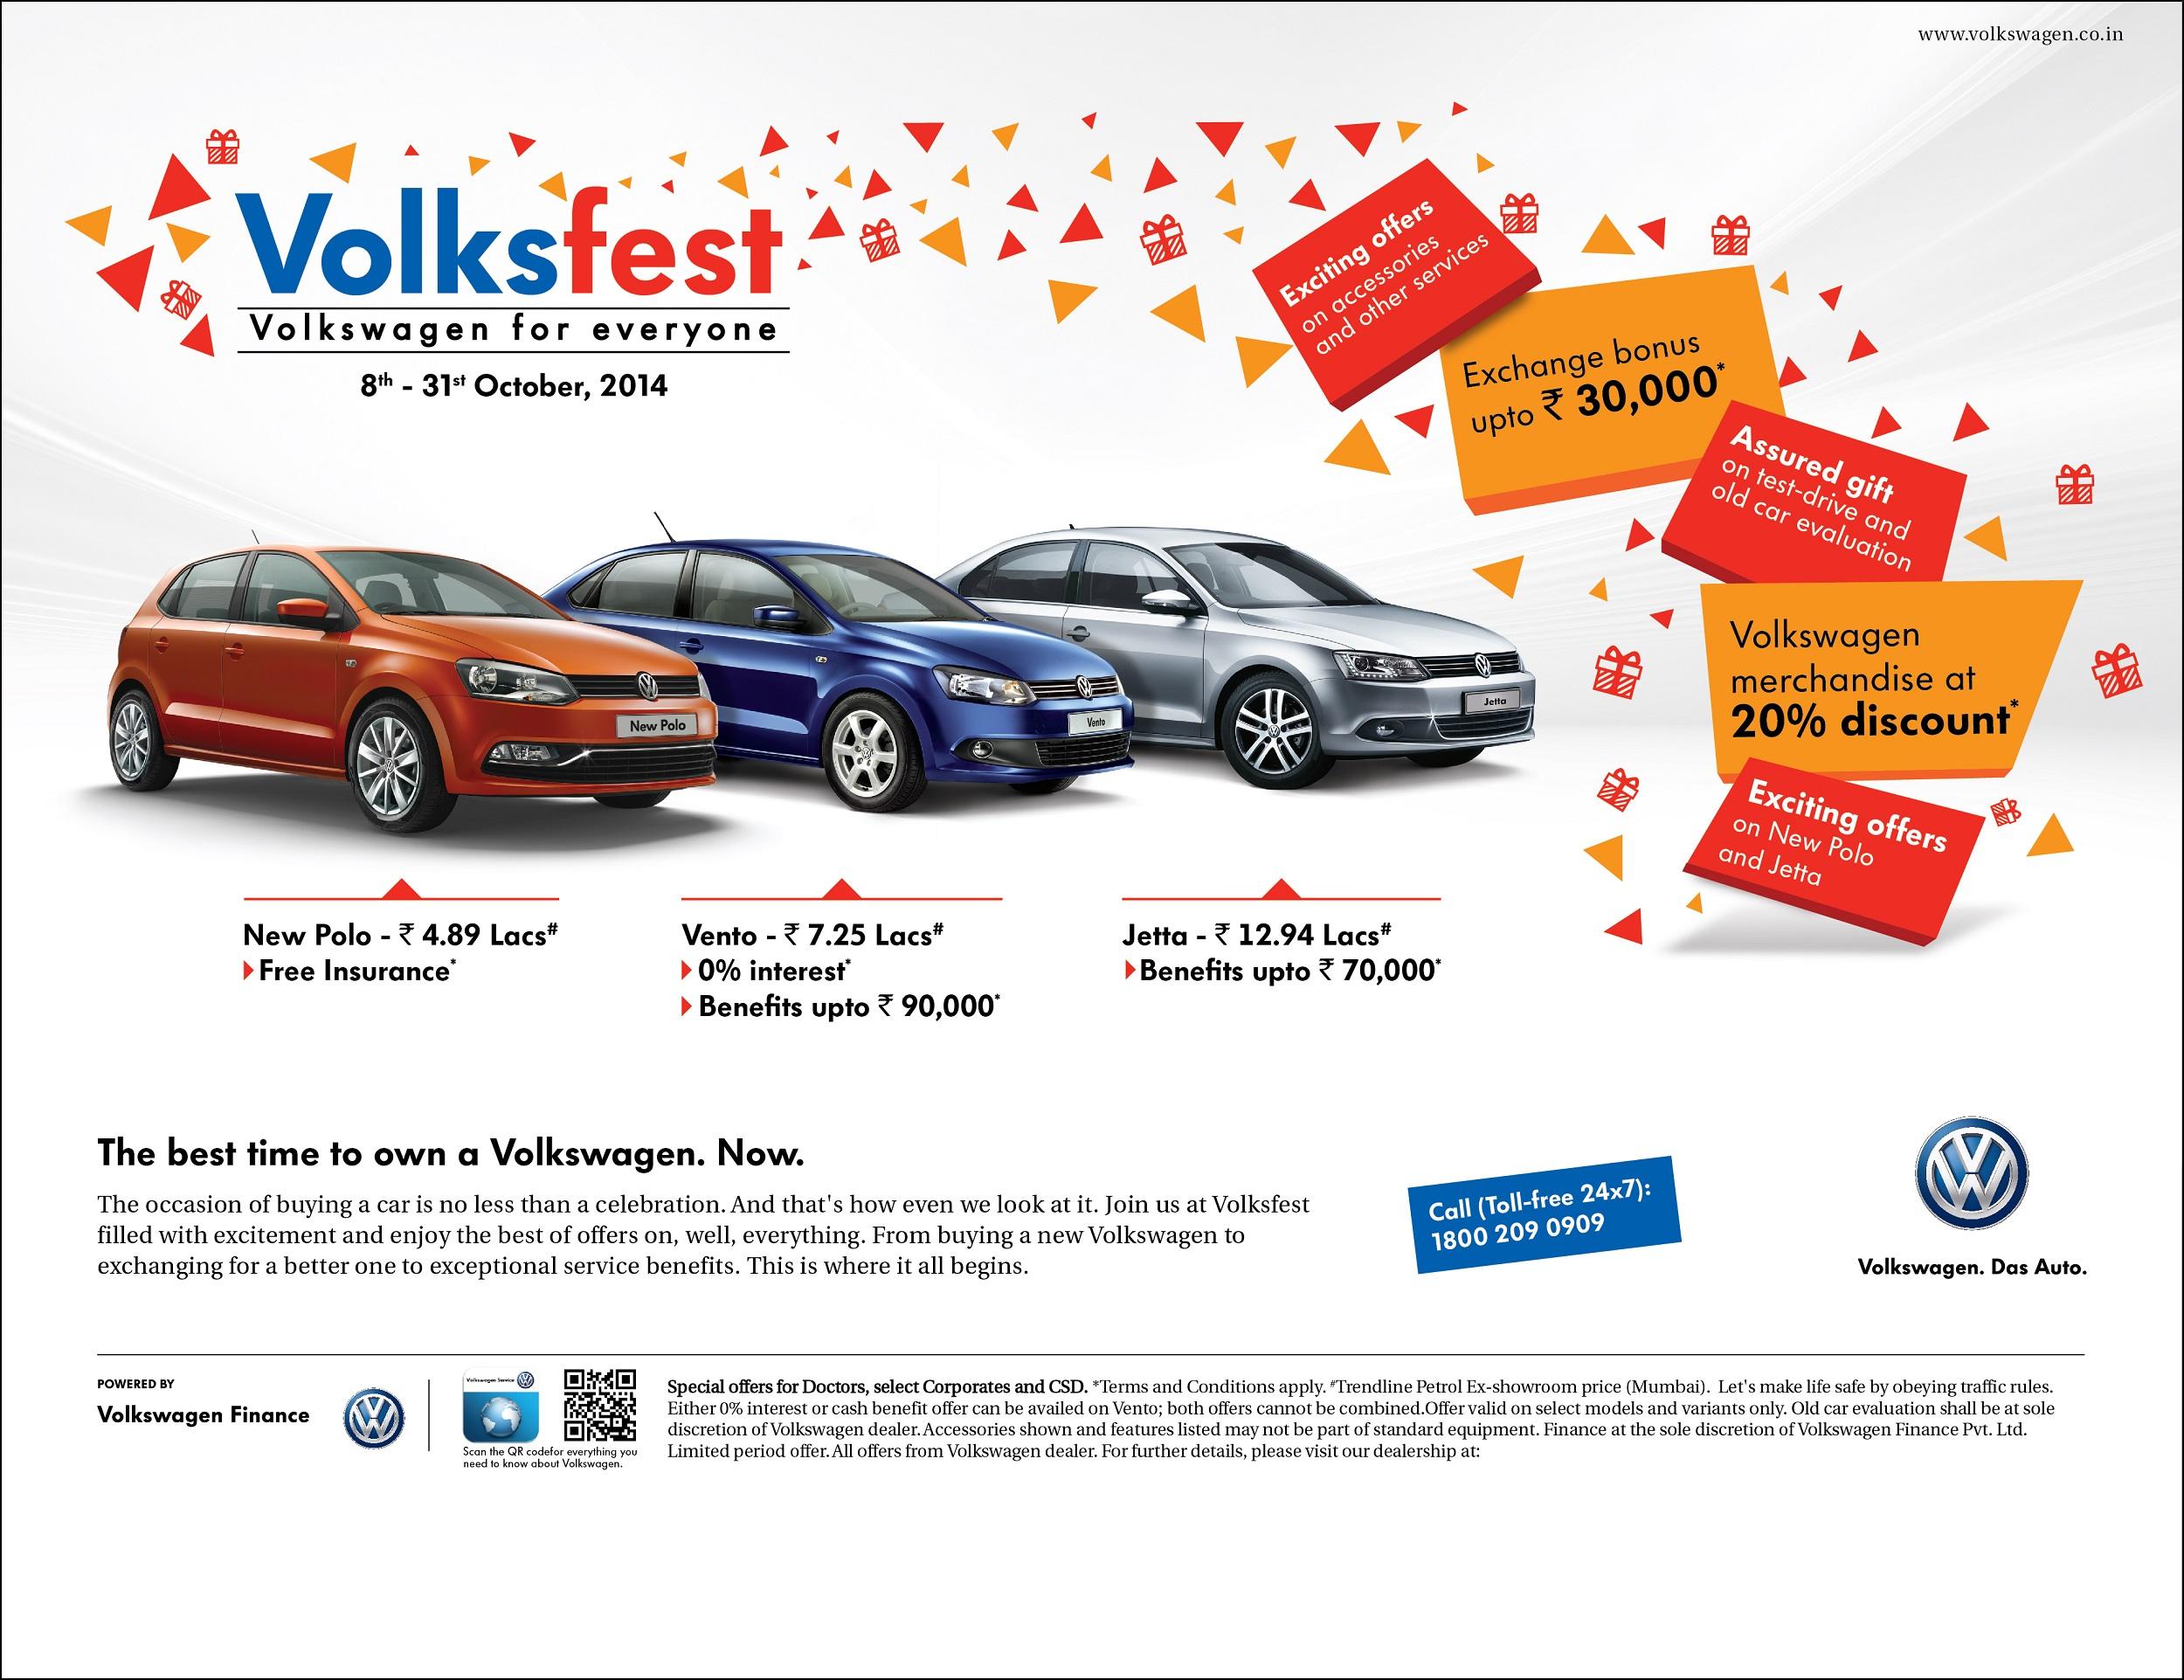 Volkswagen launches Volksfest 2014